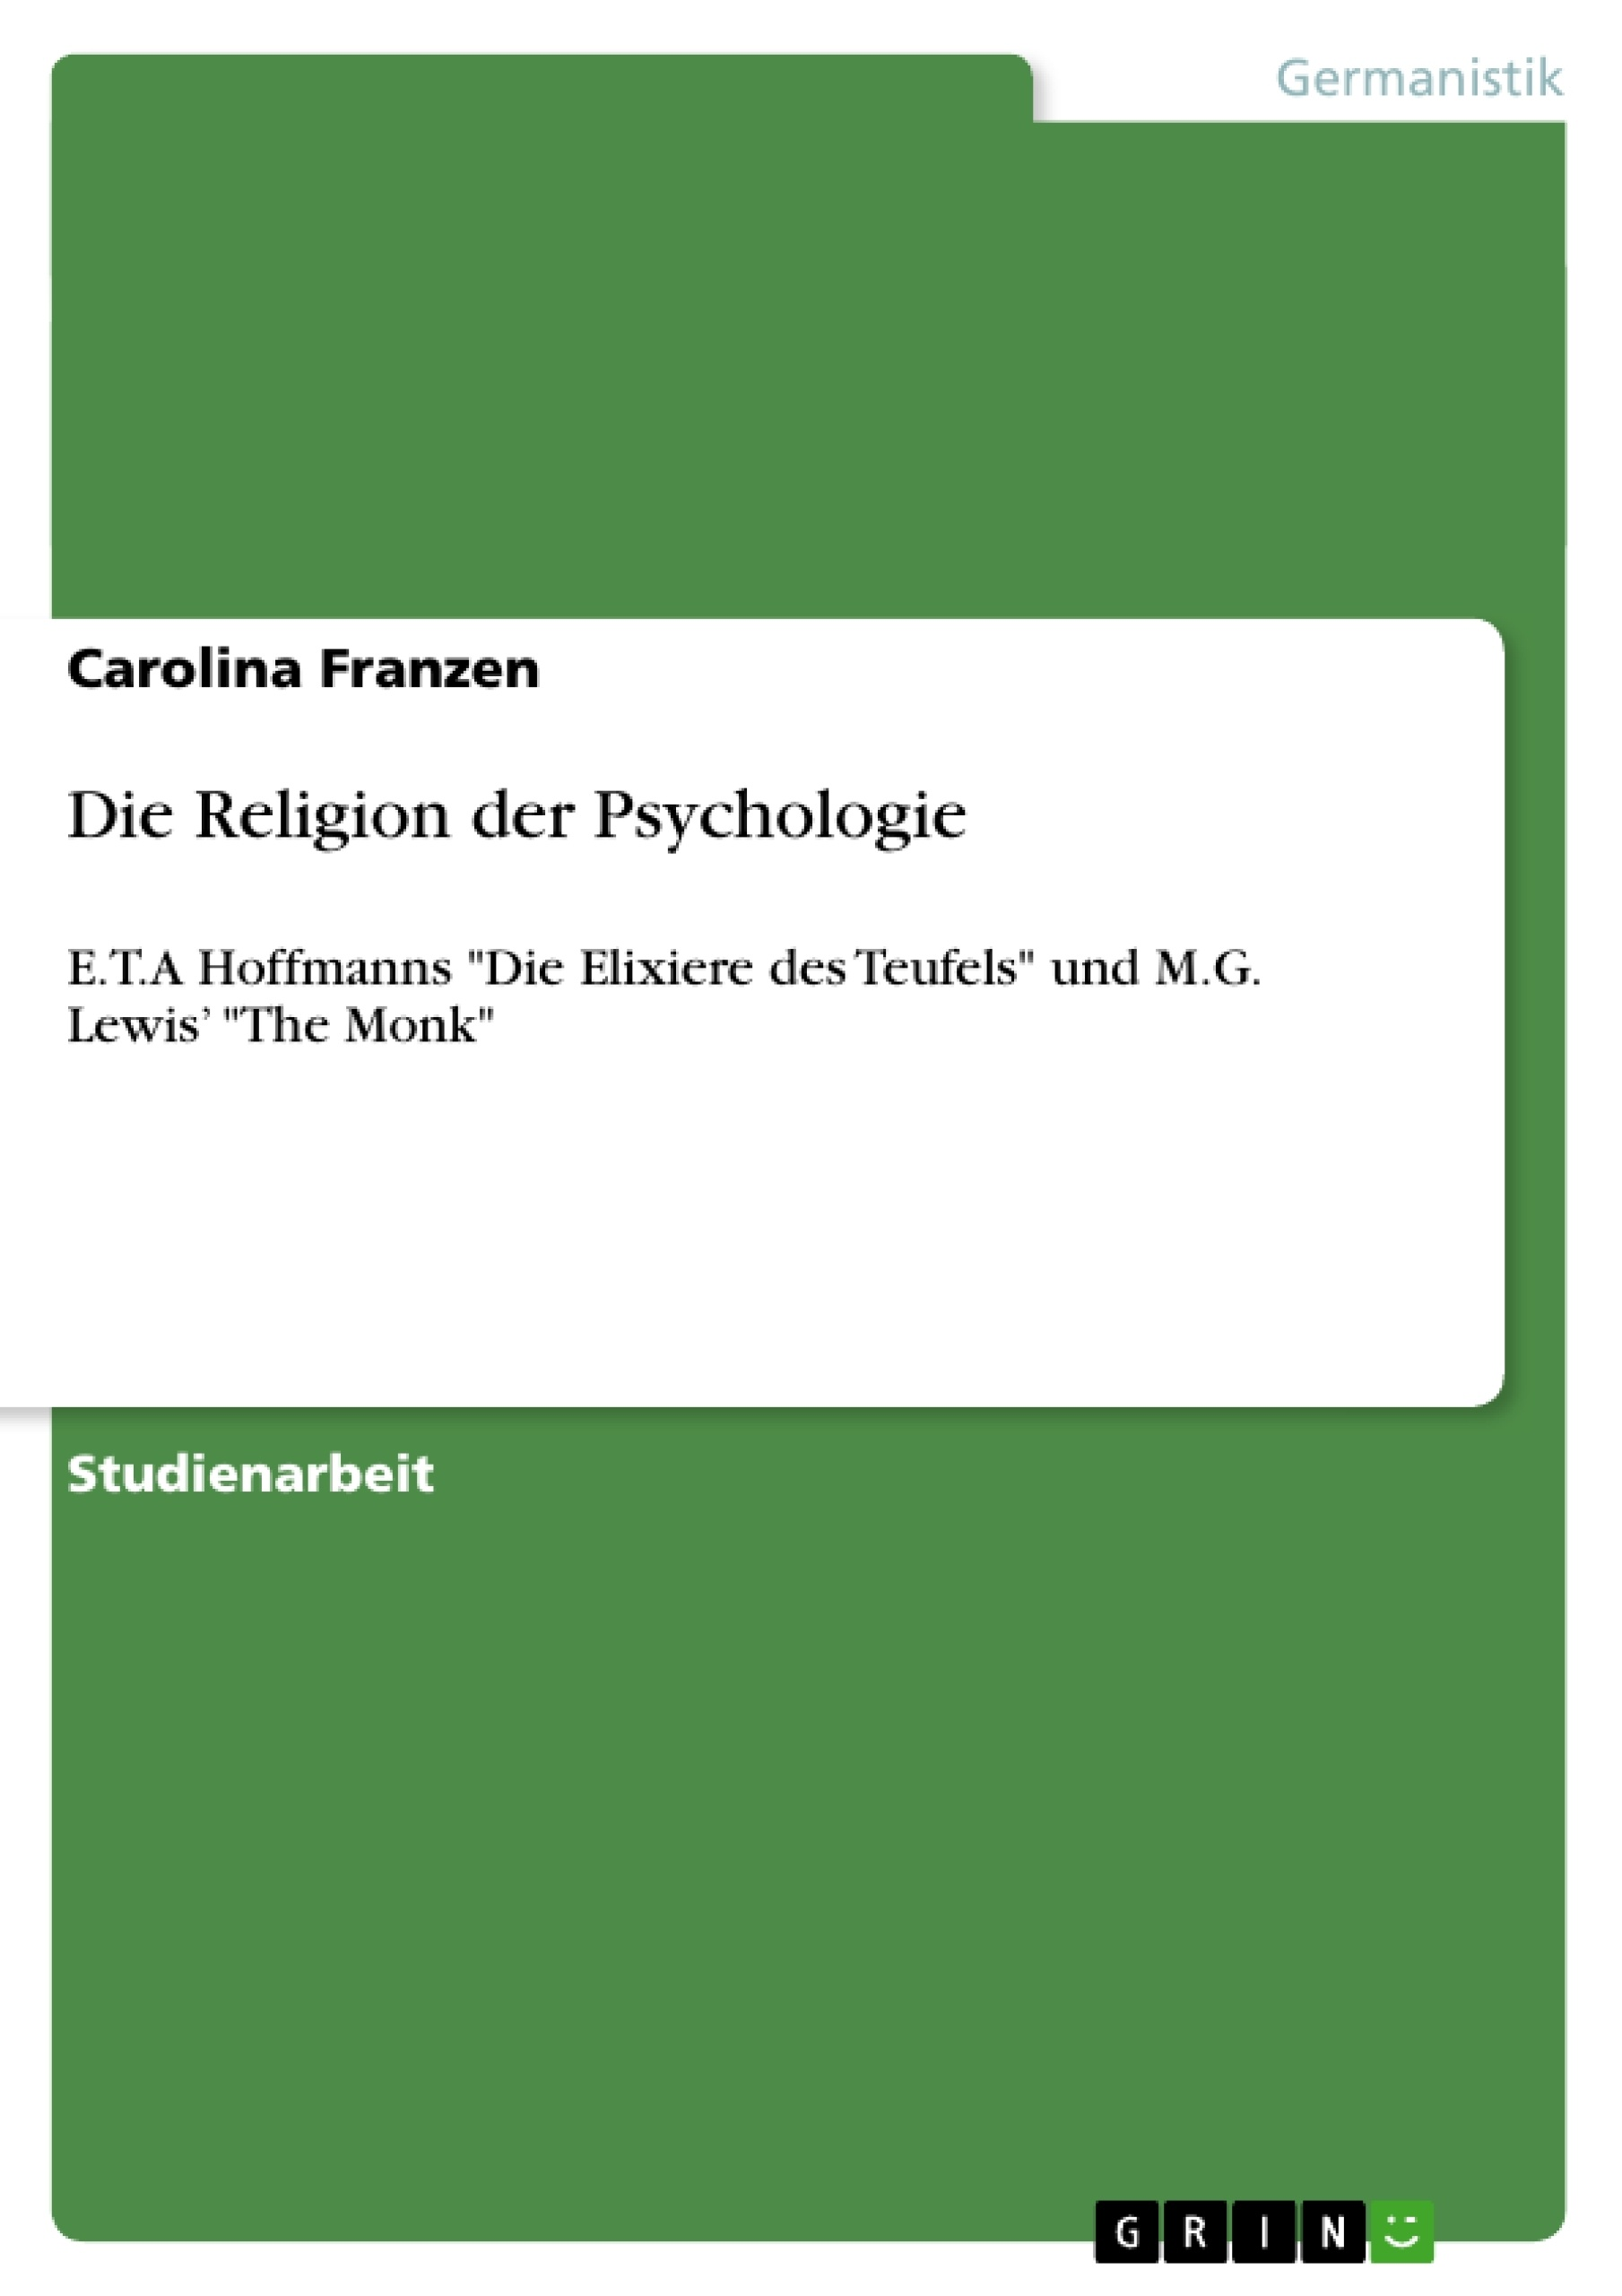 Titel: Die Religion der Psychologie